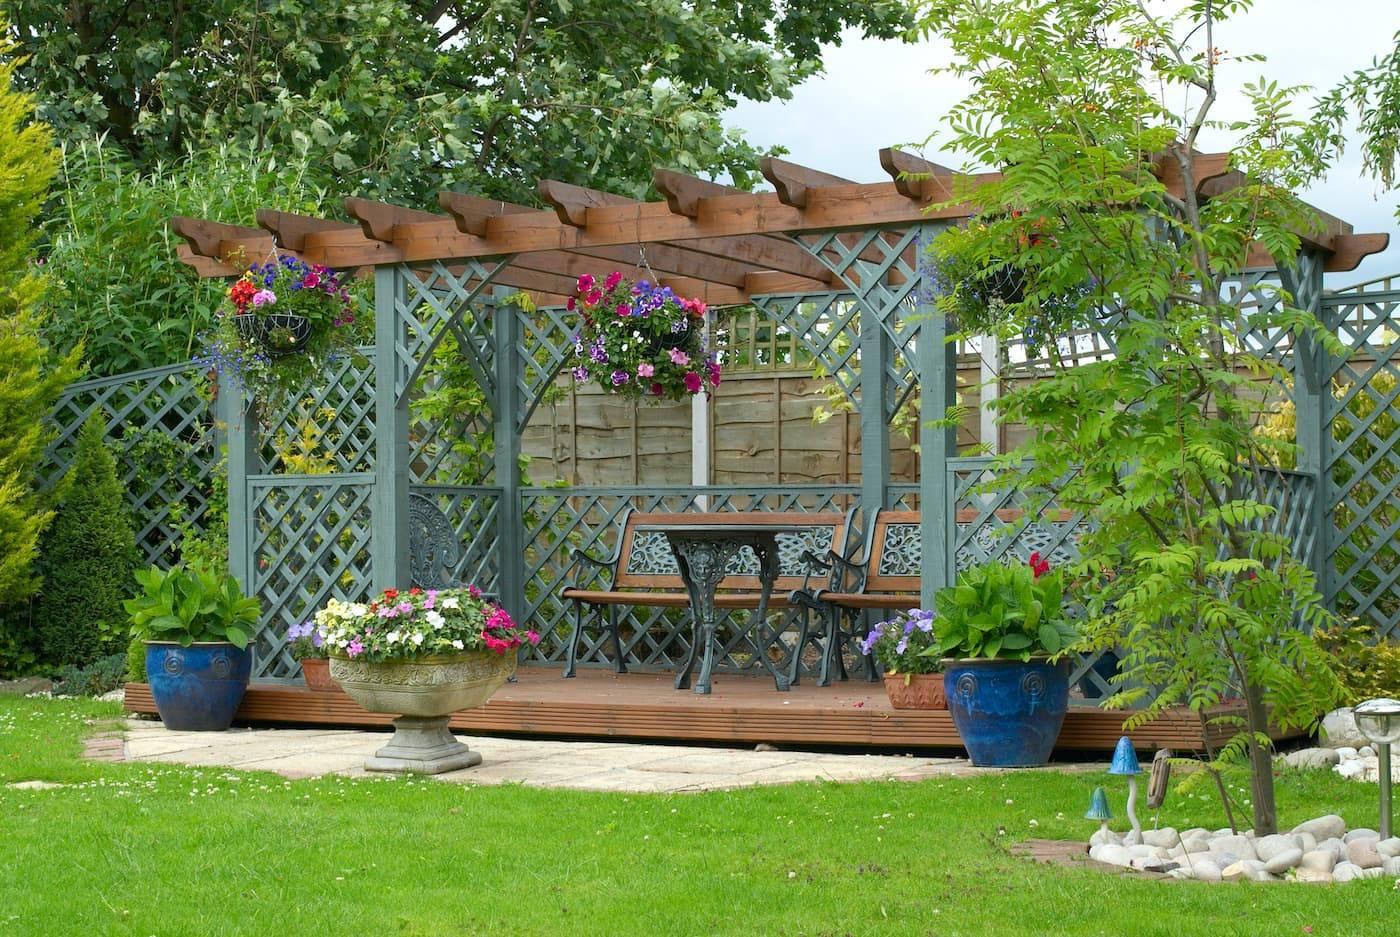 Садовые беседки: 100 фото красивых вариантов дизайна